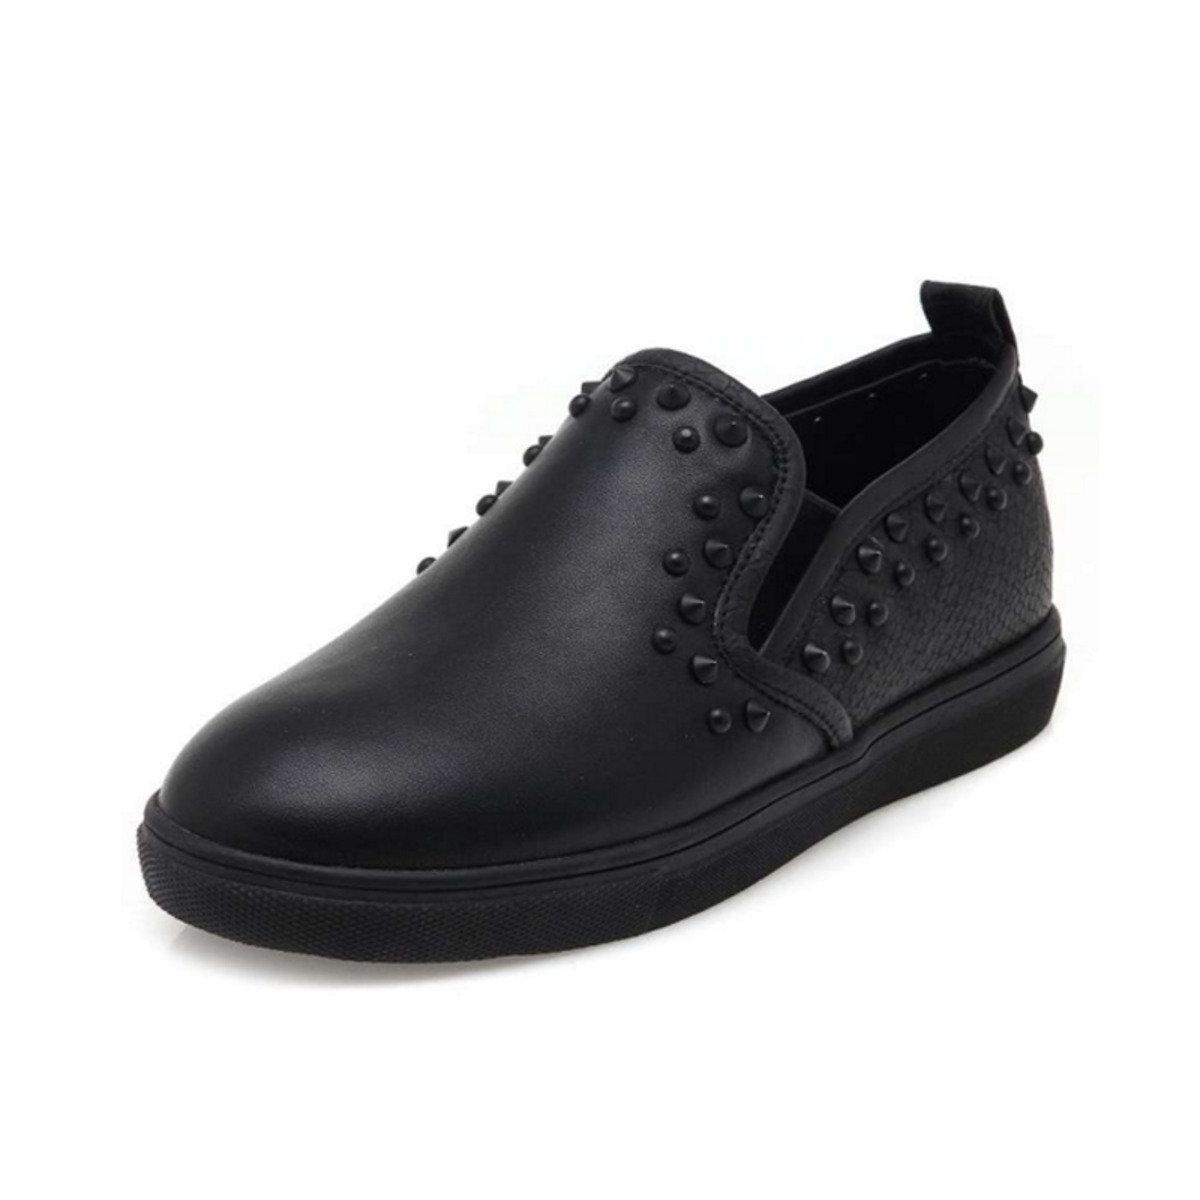 蛇紋輕便鞋